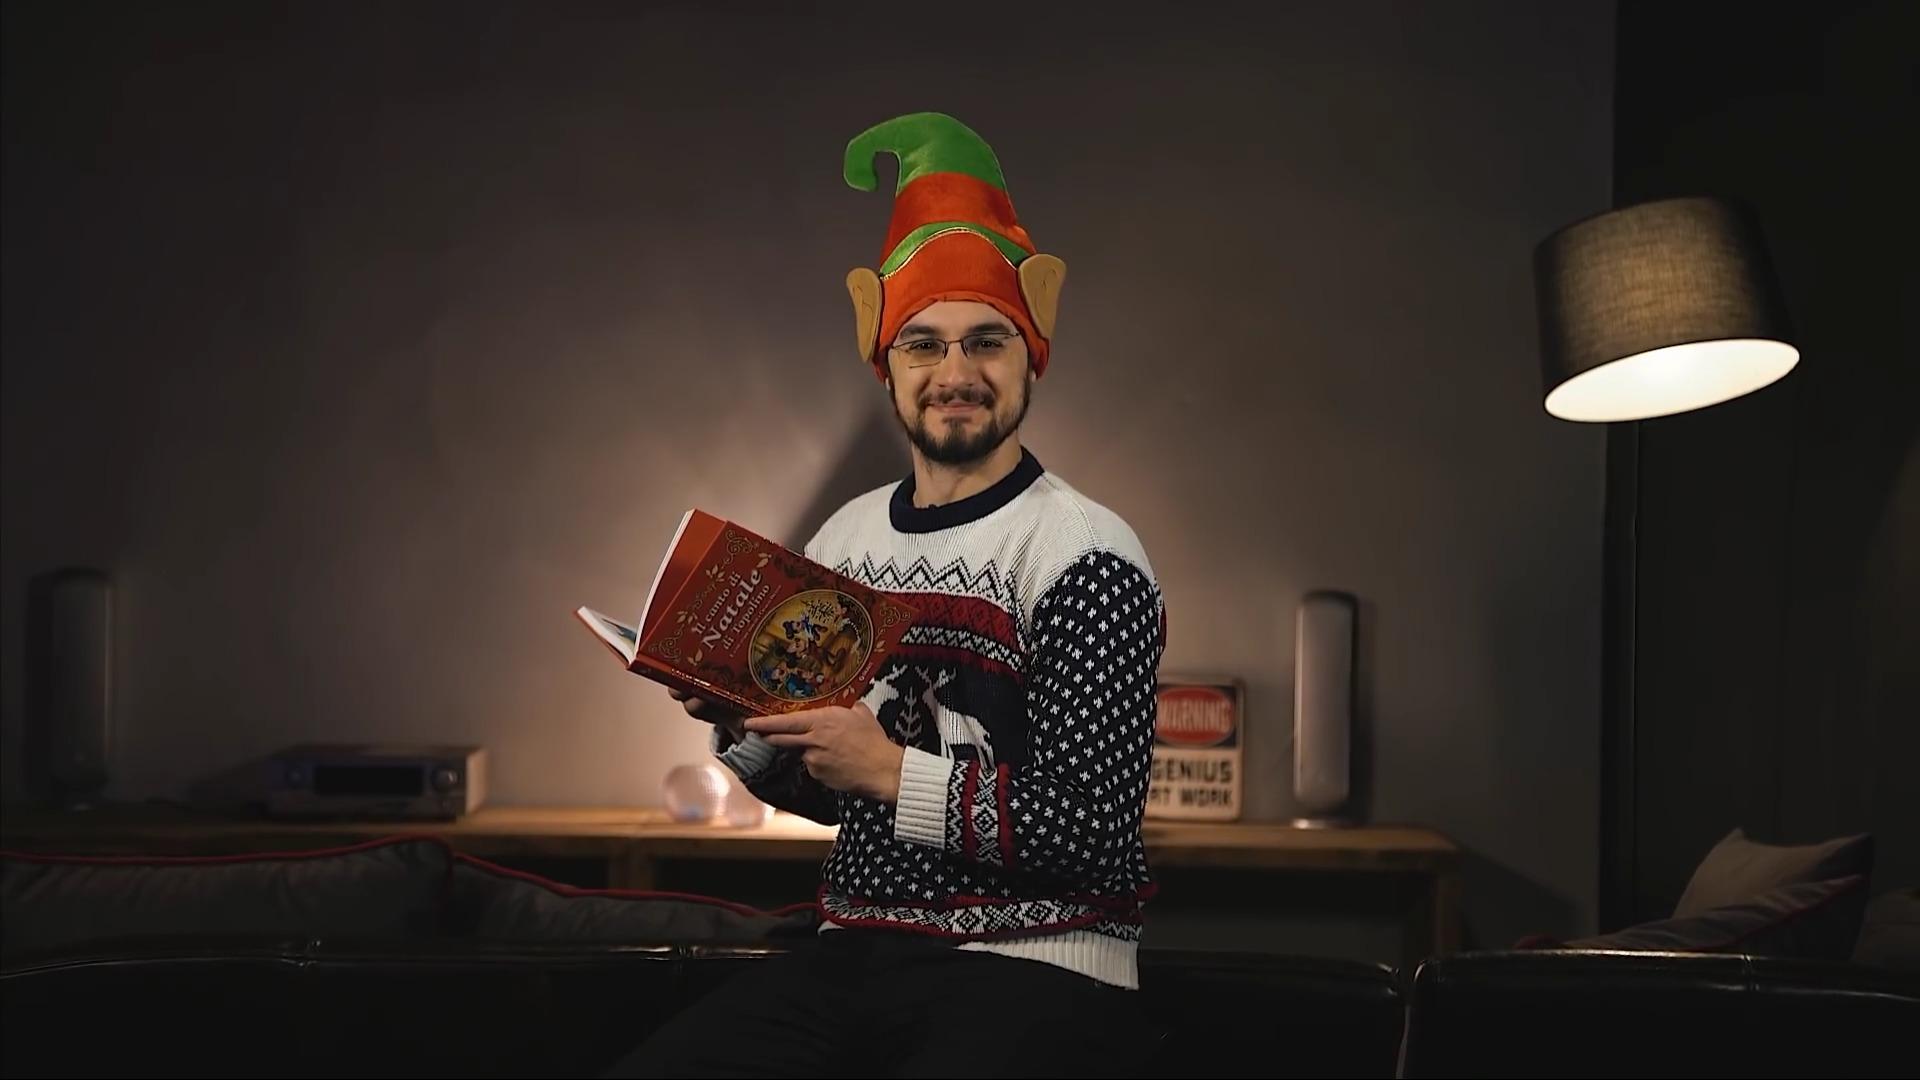 A Natale, regala un Santo!